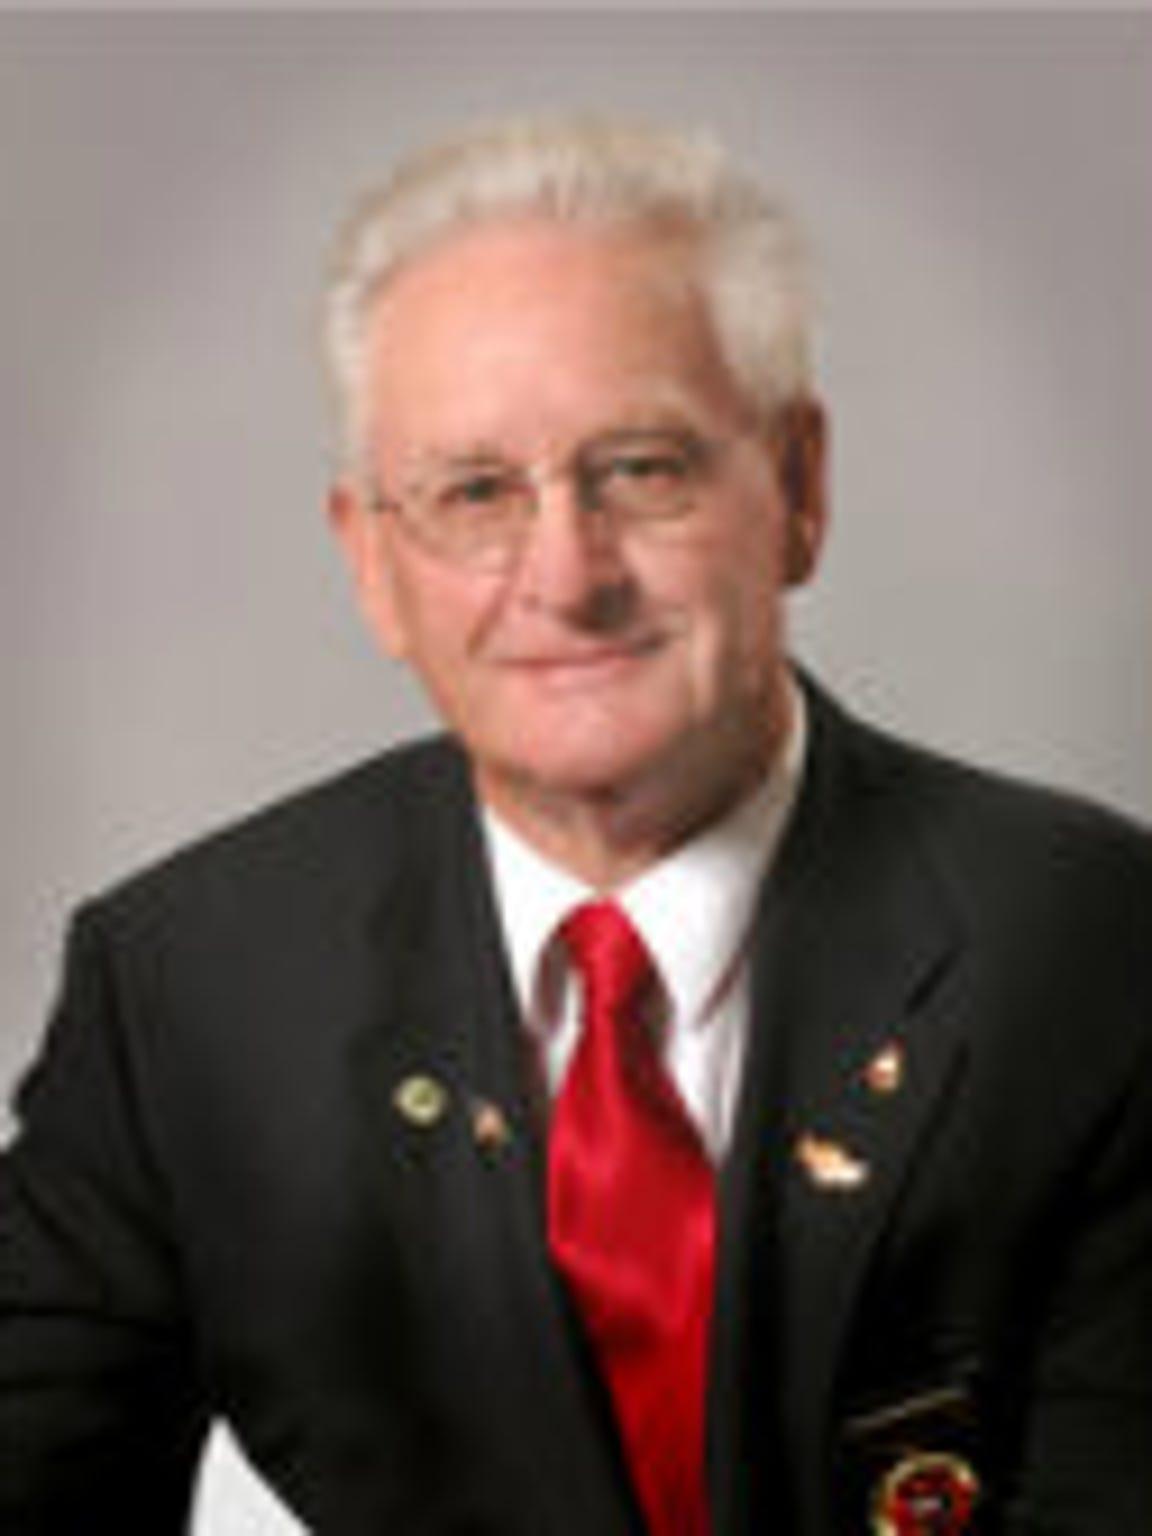 Larry Plumer